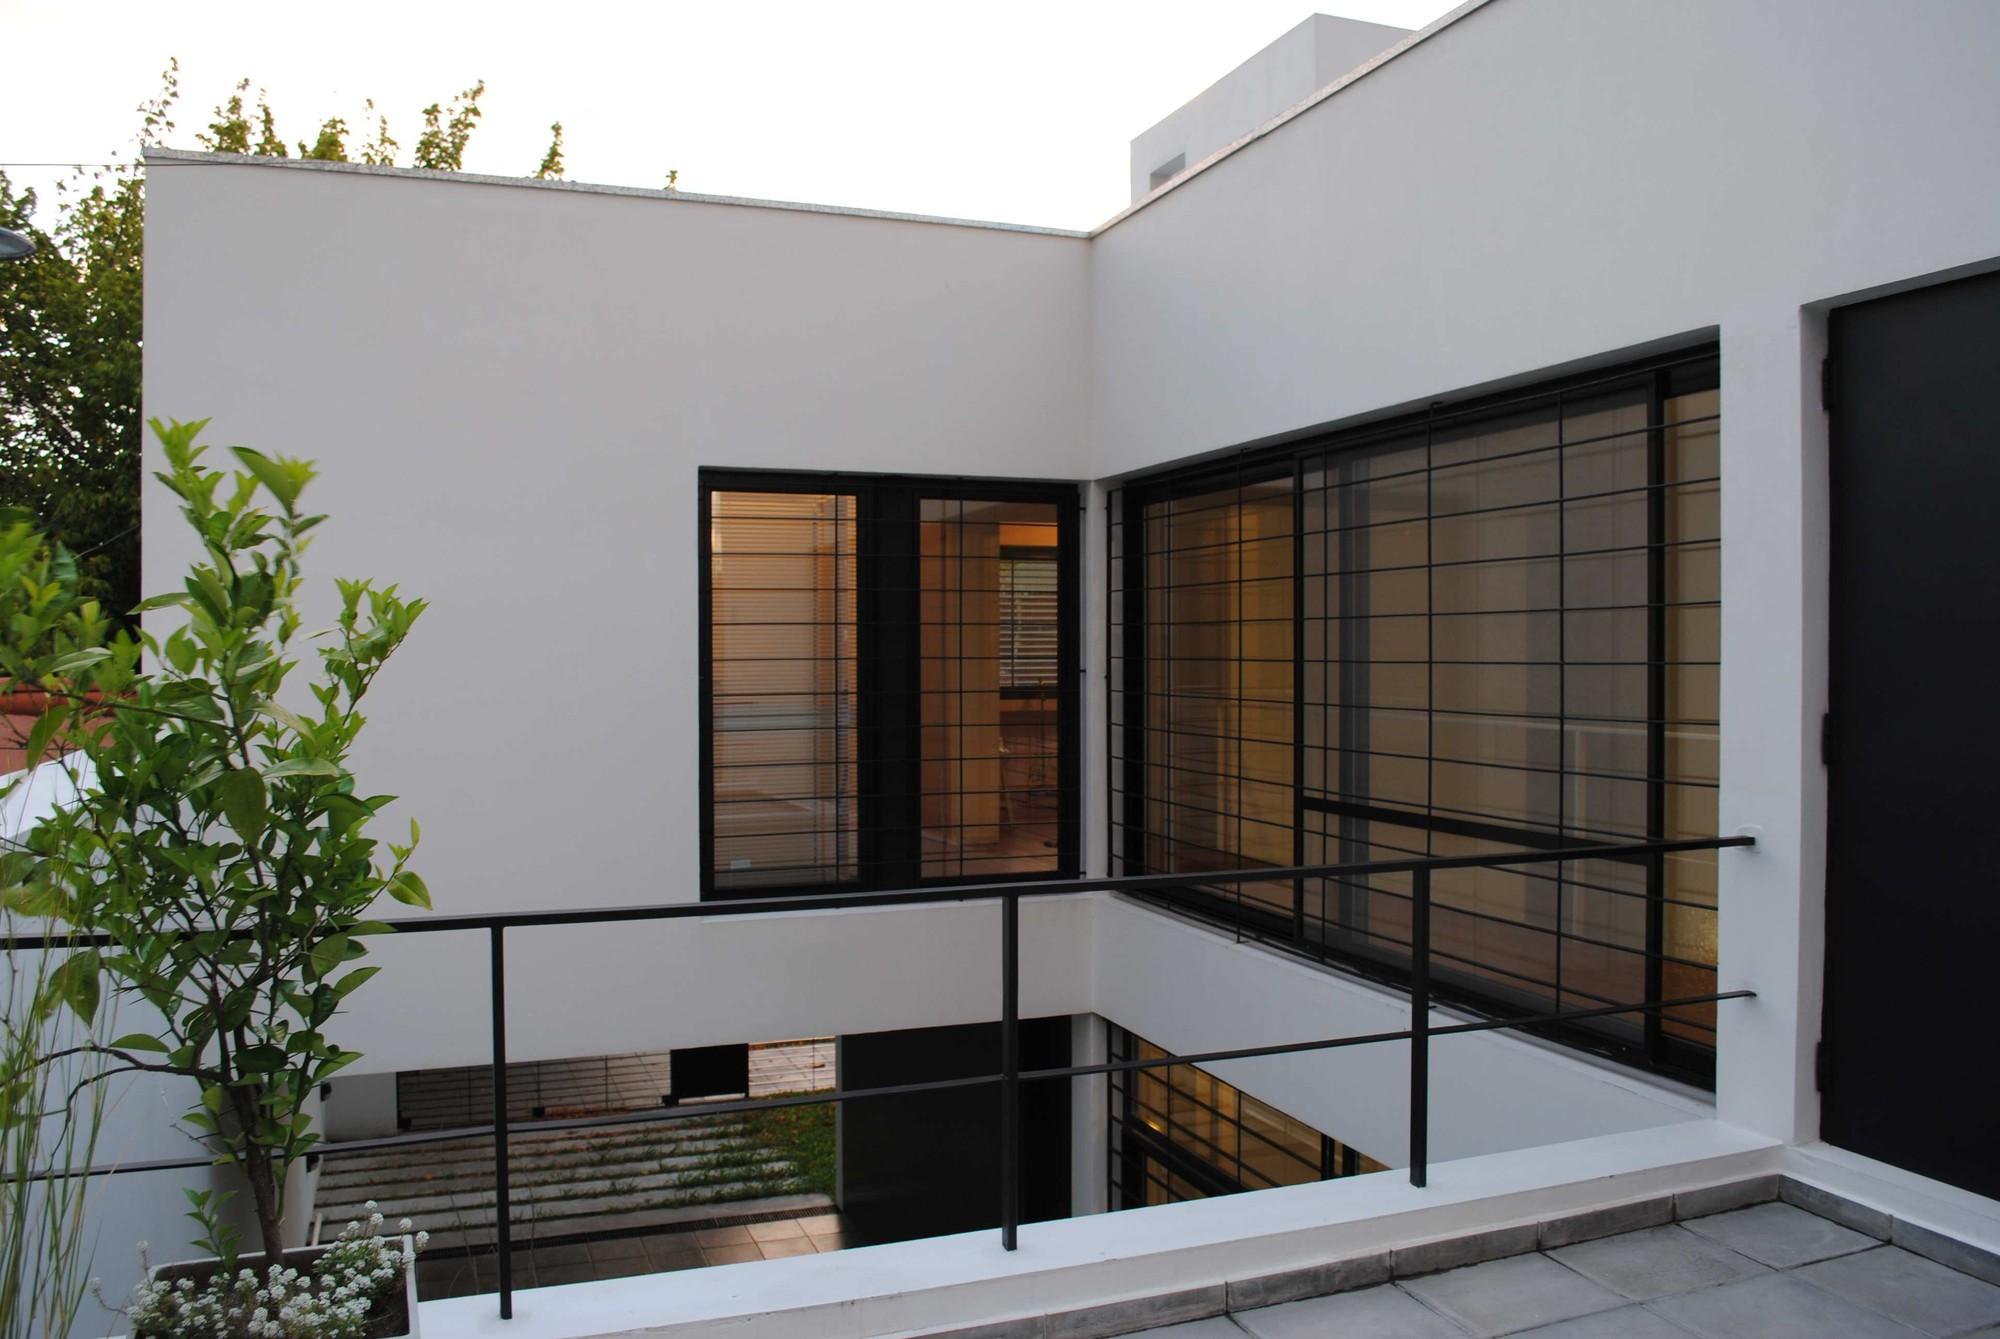 Galer a de casa dorrego ballesteros arquitectos 4 for Arquitectos para casas